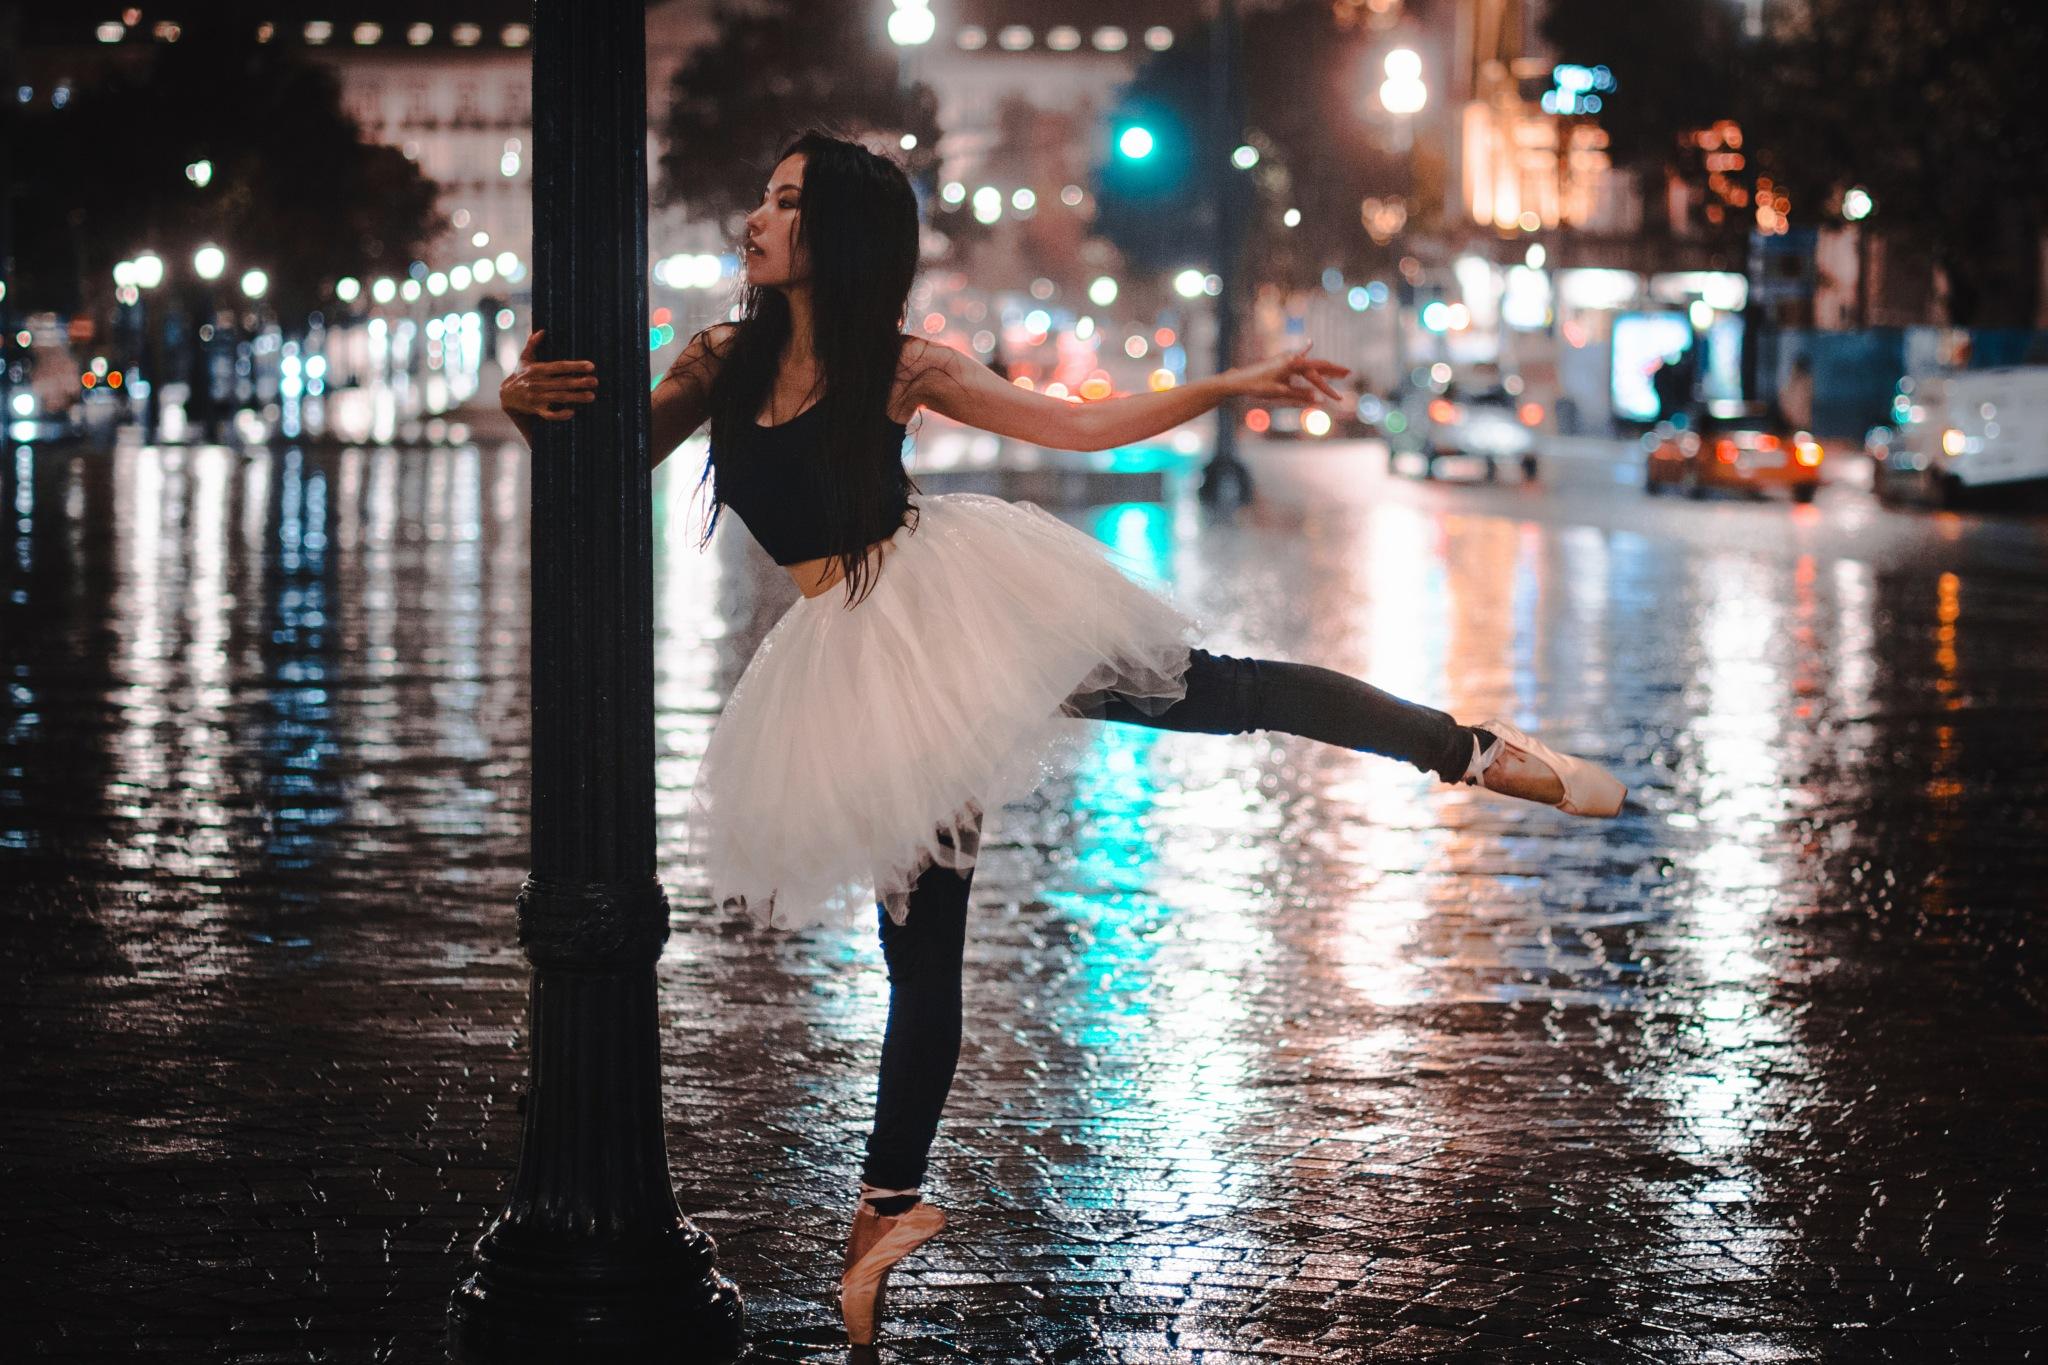 Ah...dancing in the rain by Yoko D